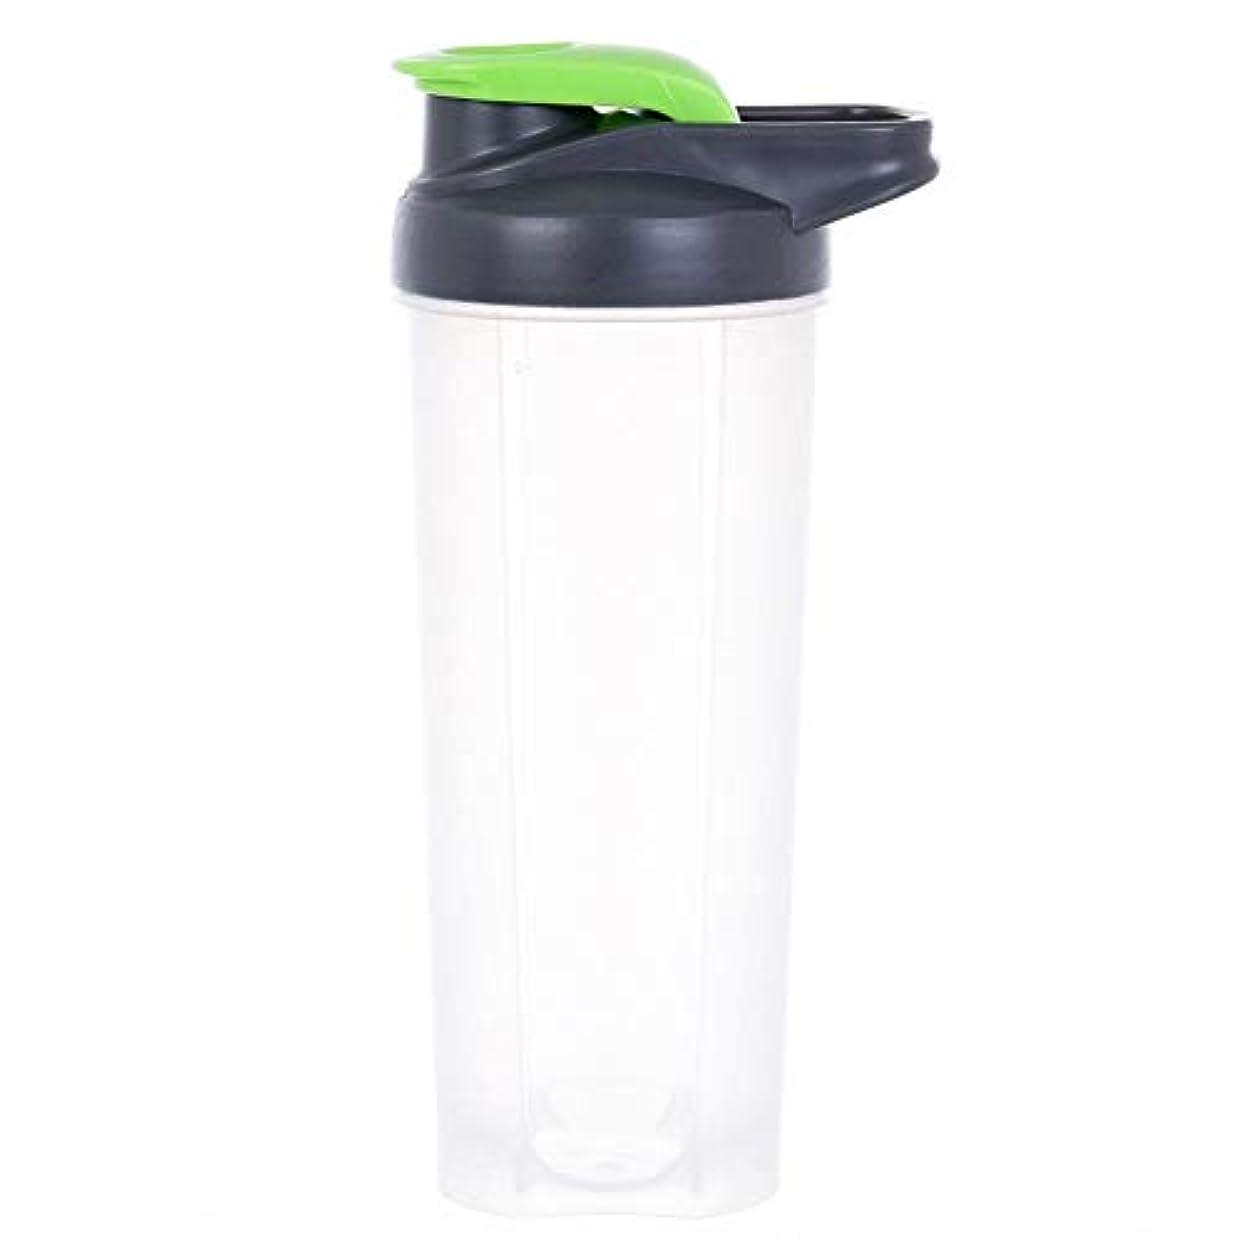 ホームレスミスペンド薄いプロテインシェーカー 栄養錠剤ビタミン入れ ダイエットドリンク用 タンパク質パウダーミキサーボルト 栄養補給 プロテイン 収納ケース 水筒 漏れ防止 シェーカーボトル